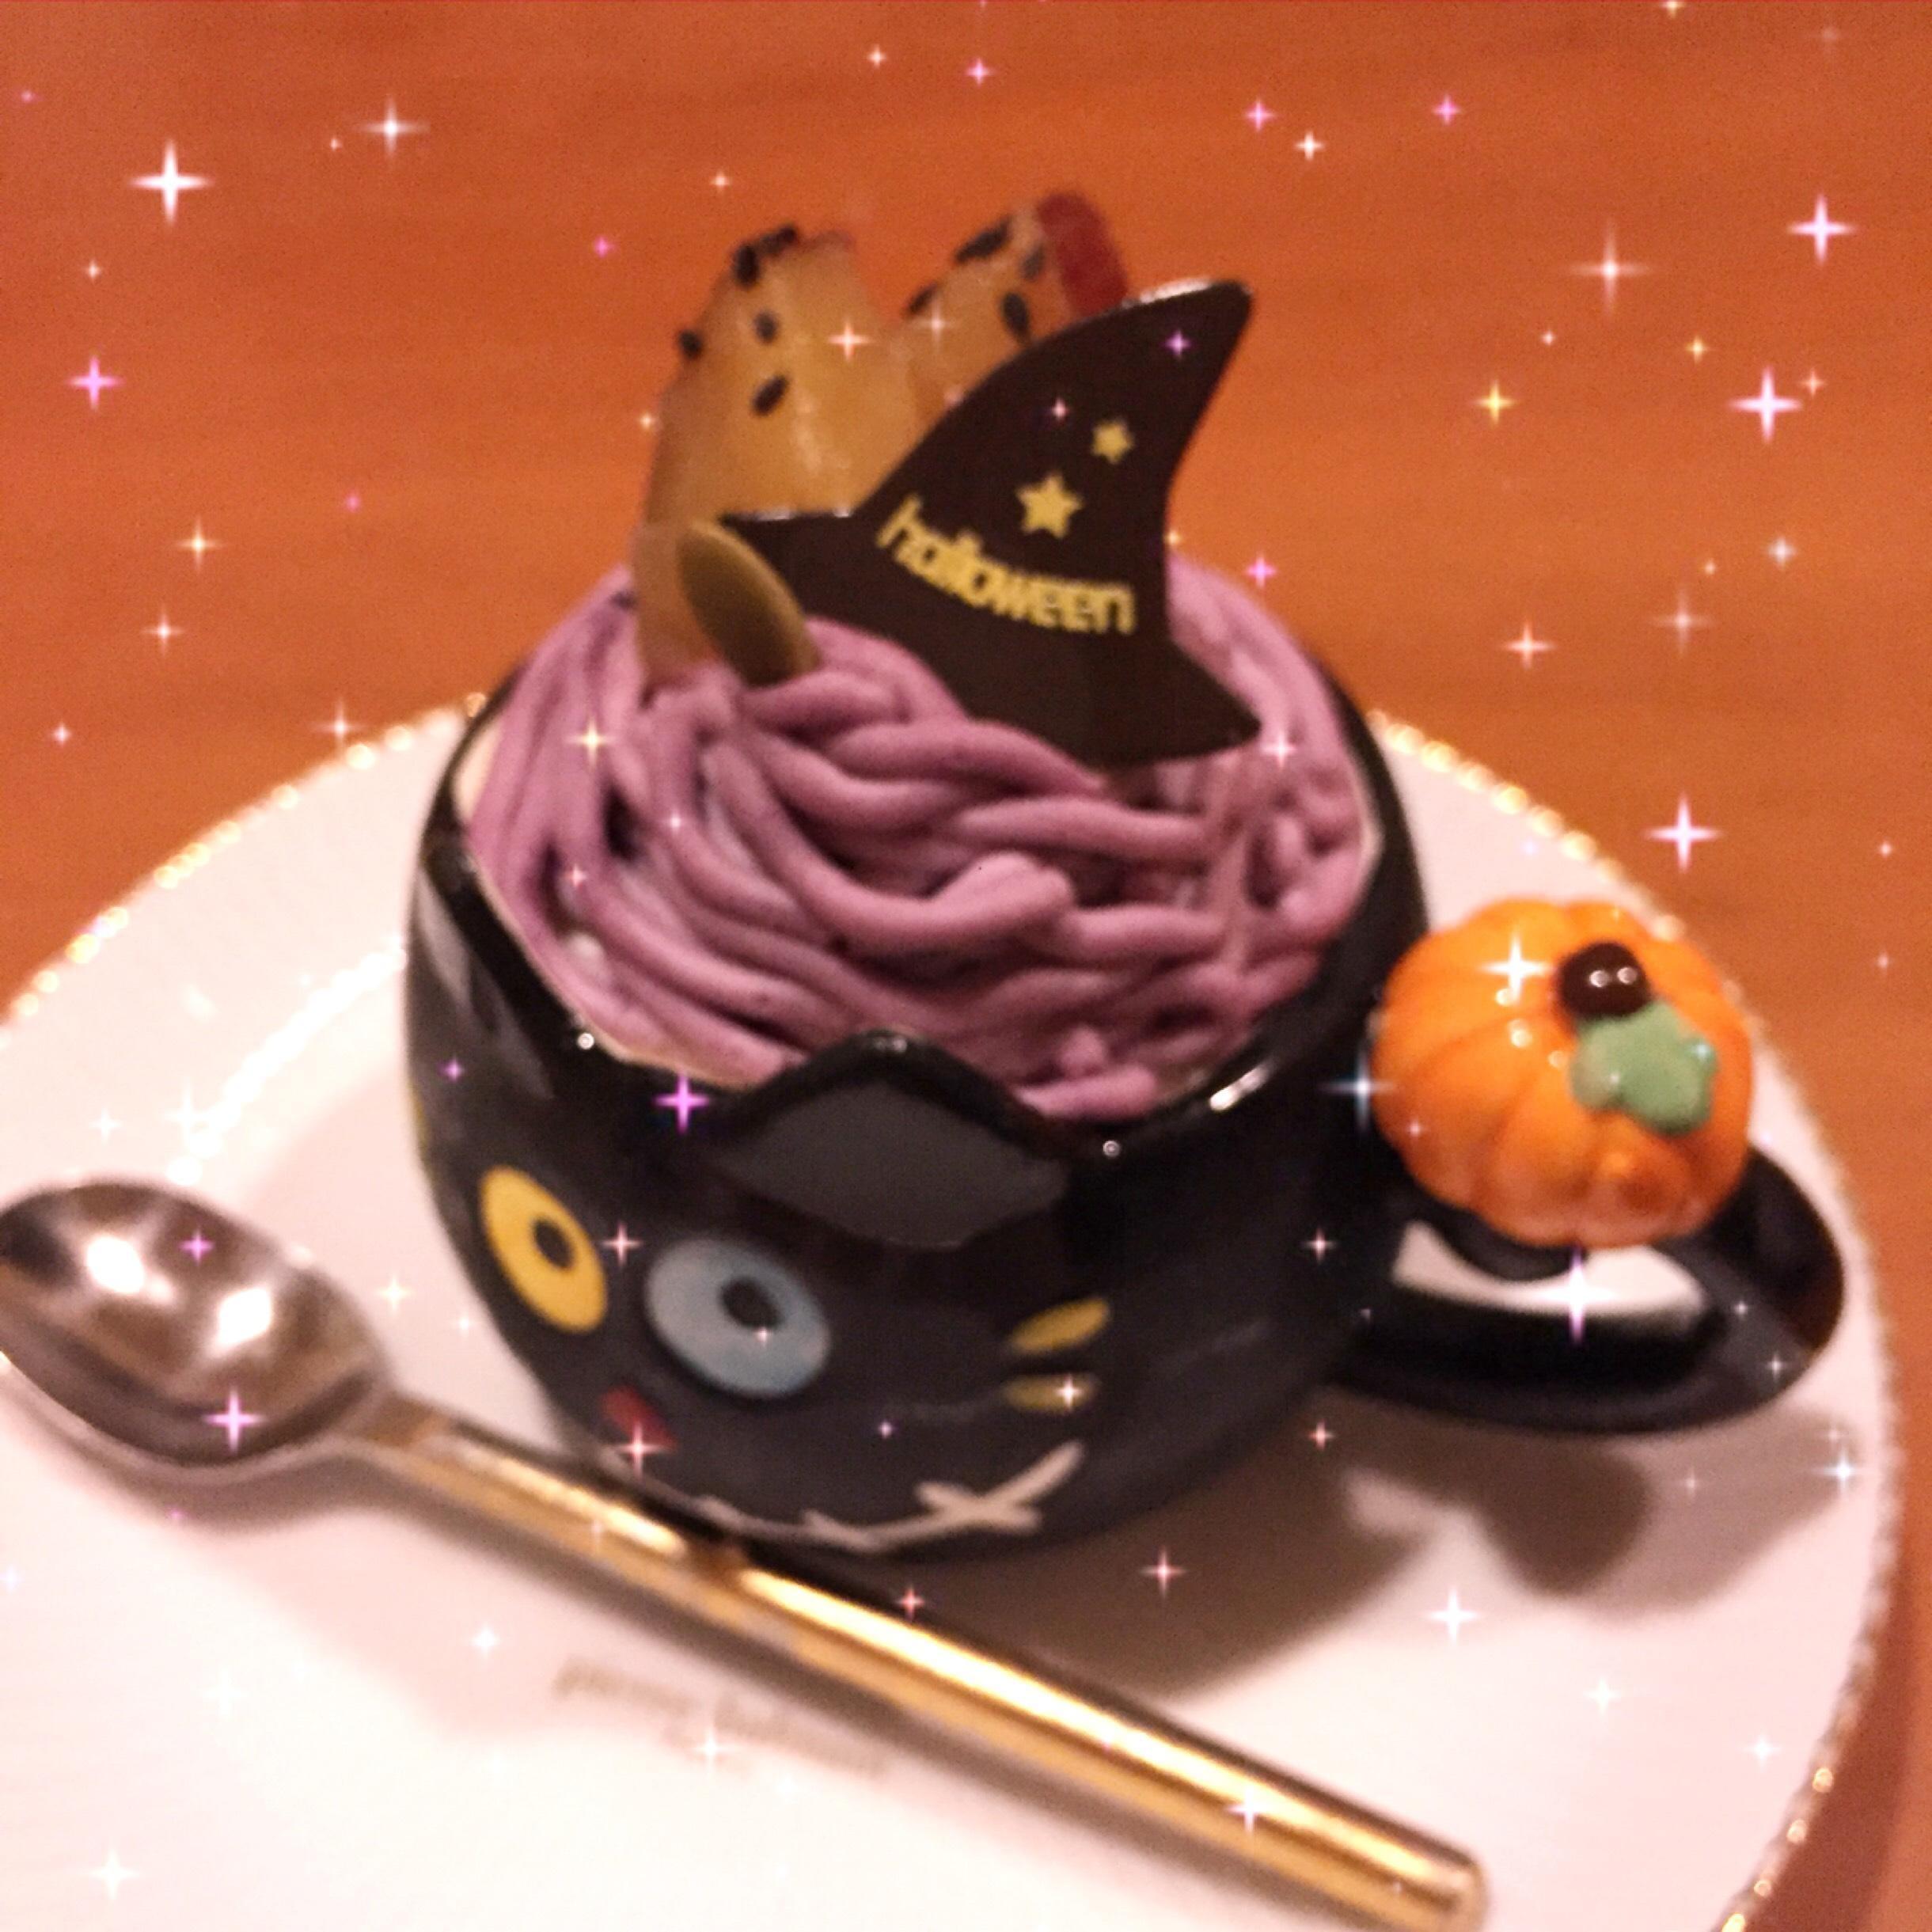 「昨日10/30御礼&HappyHalloween【カリパン】」10/31(水) 15:11 | 椿かりん・カリパンの写メ・風俗動画